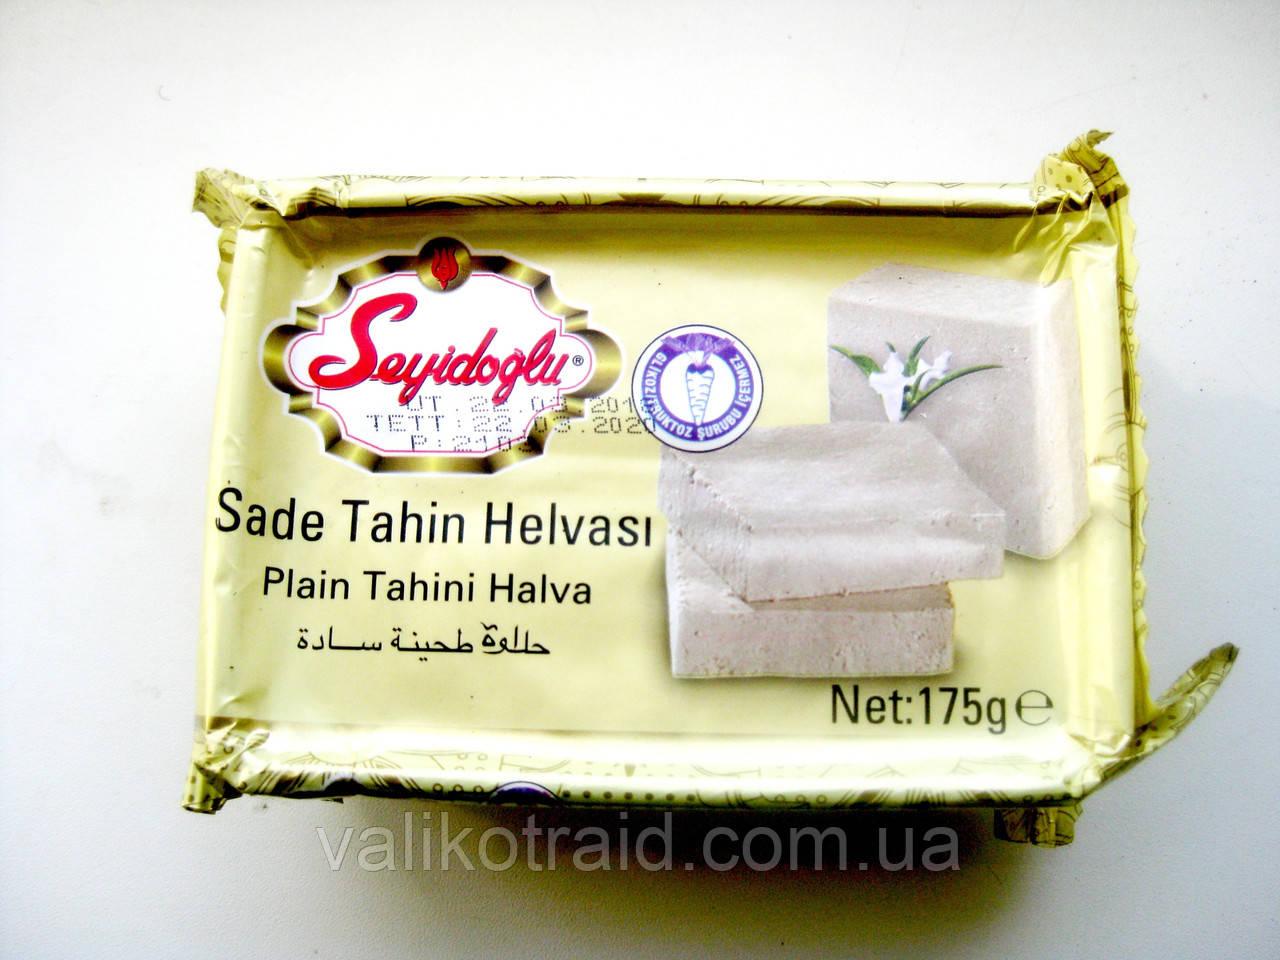 Халва Seyidoglu тахиновая ваниль , турецкие сладости  ,вес 175г